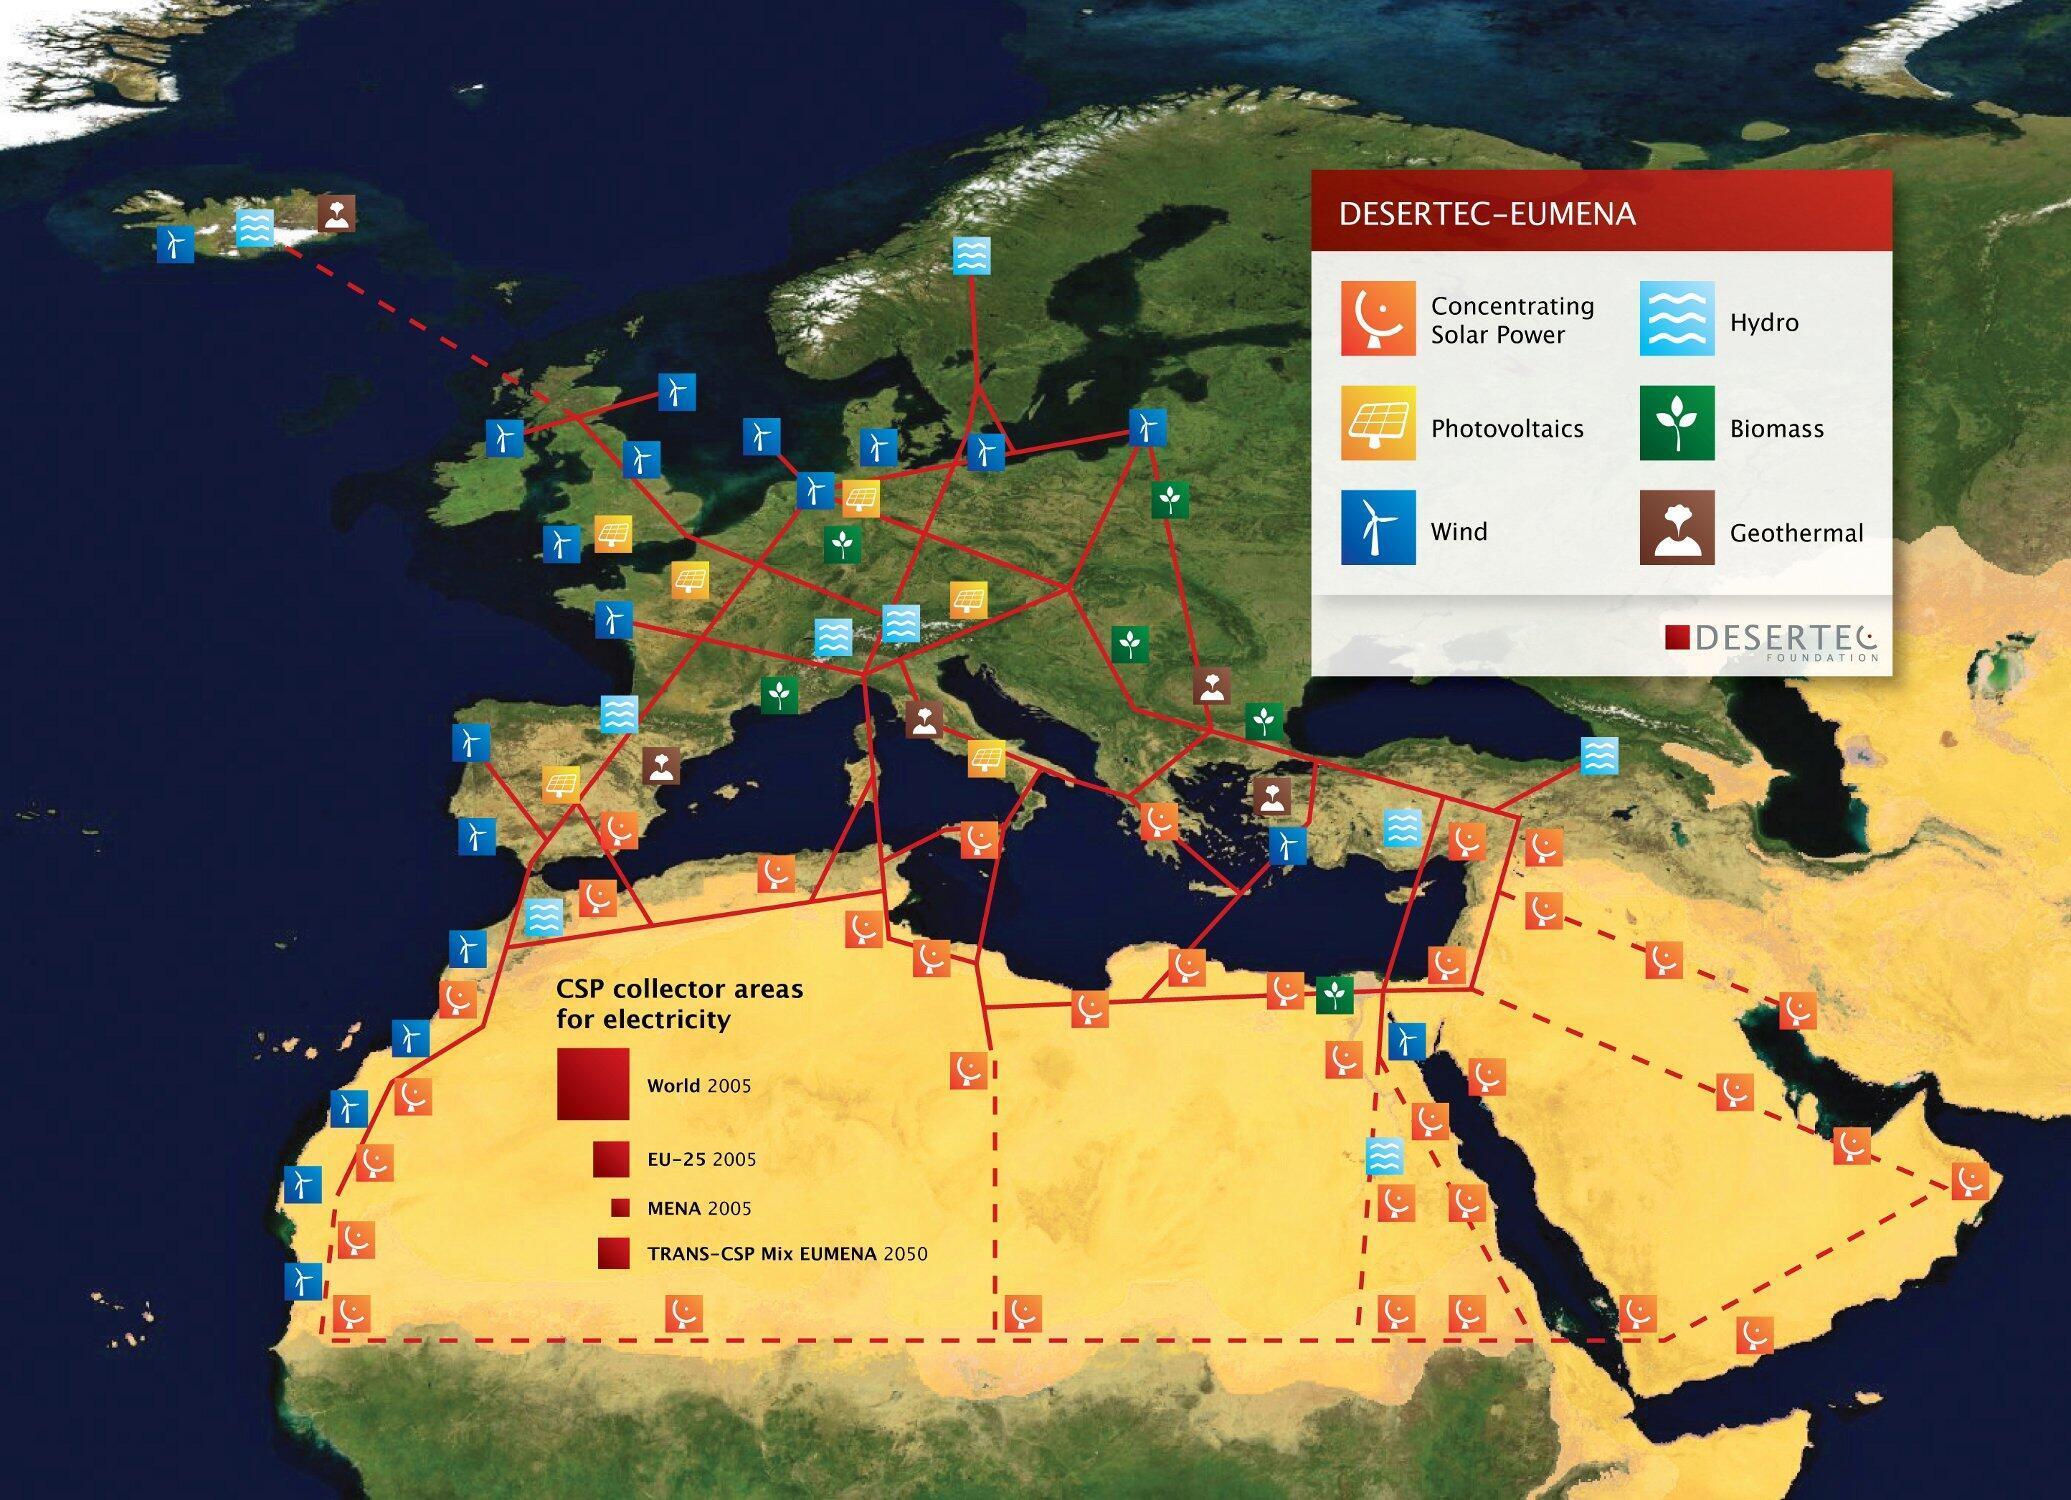 Les carrés rouges sont une estimation de l'espace nécessaire pour répondre aux besoins énergétiques actuels du monde, de l'Europe et de l'Allemagne, ainsi qu'à 2/3 de la consommation électrique de l'Afrique du Nord et  1/5 de l'UE en 2050.